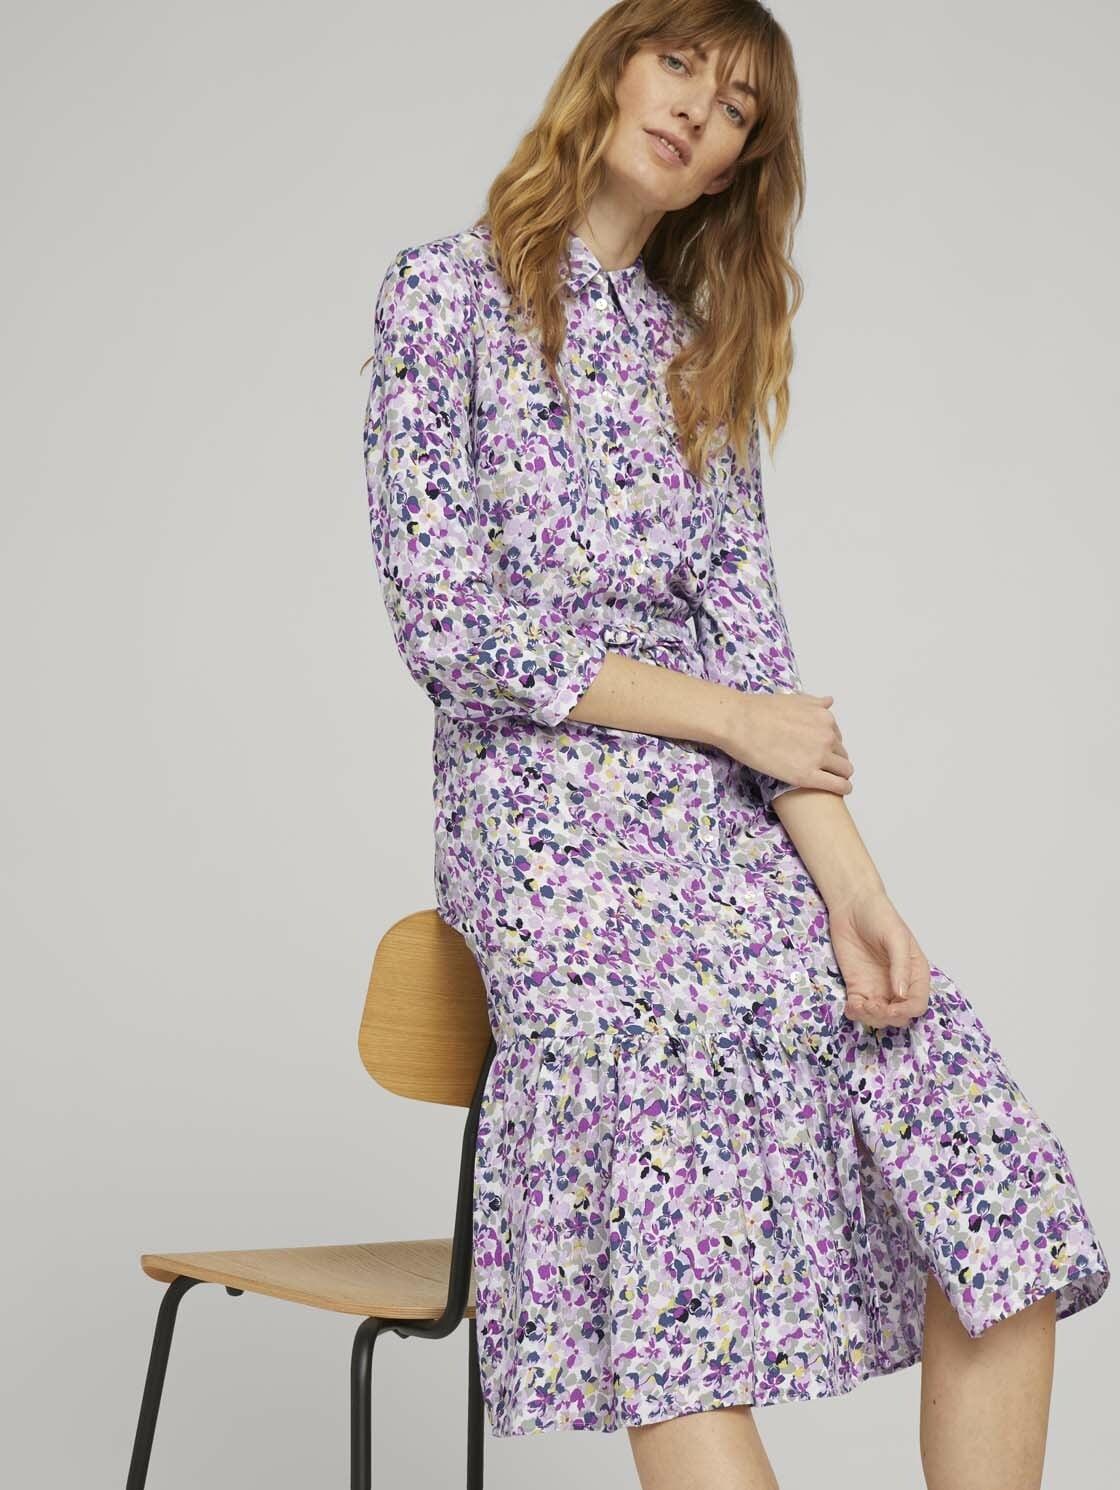 tom tailor -  Blusenkleid Midi Blusenkleid mit Blumen